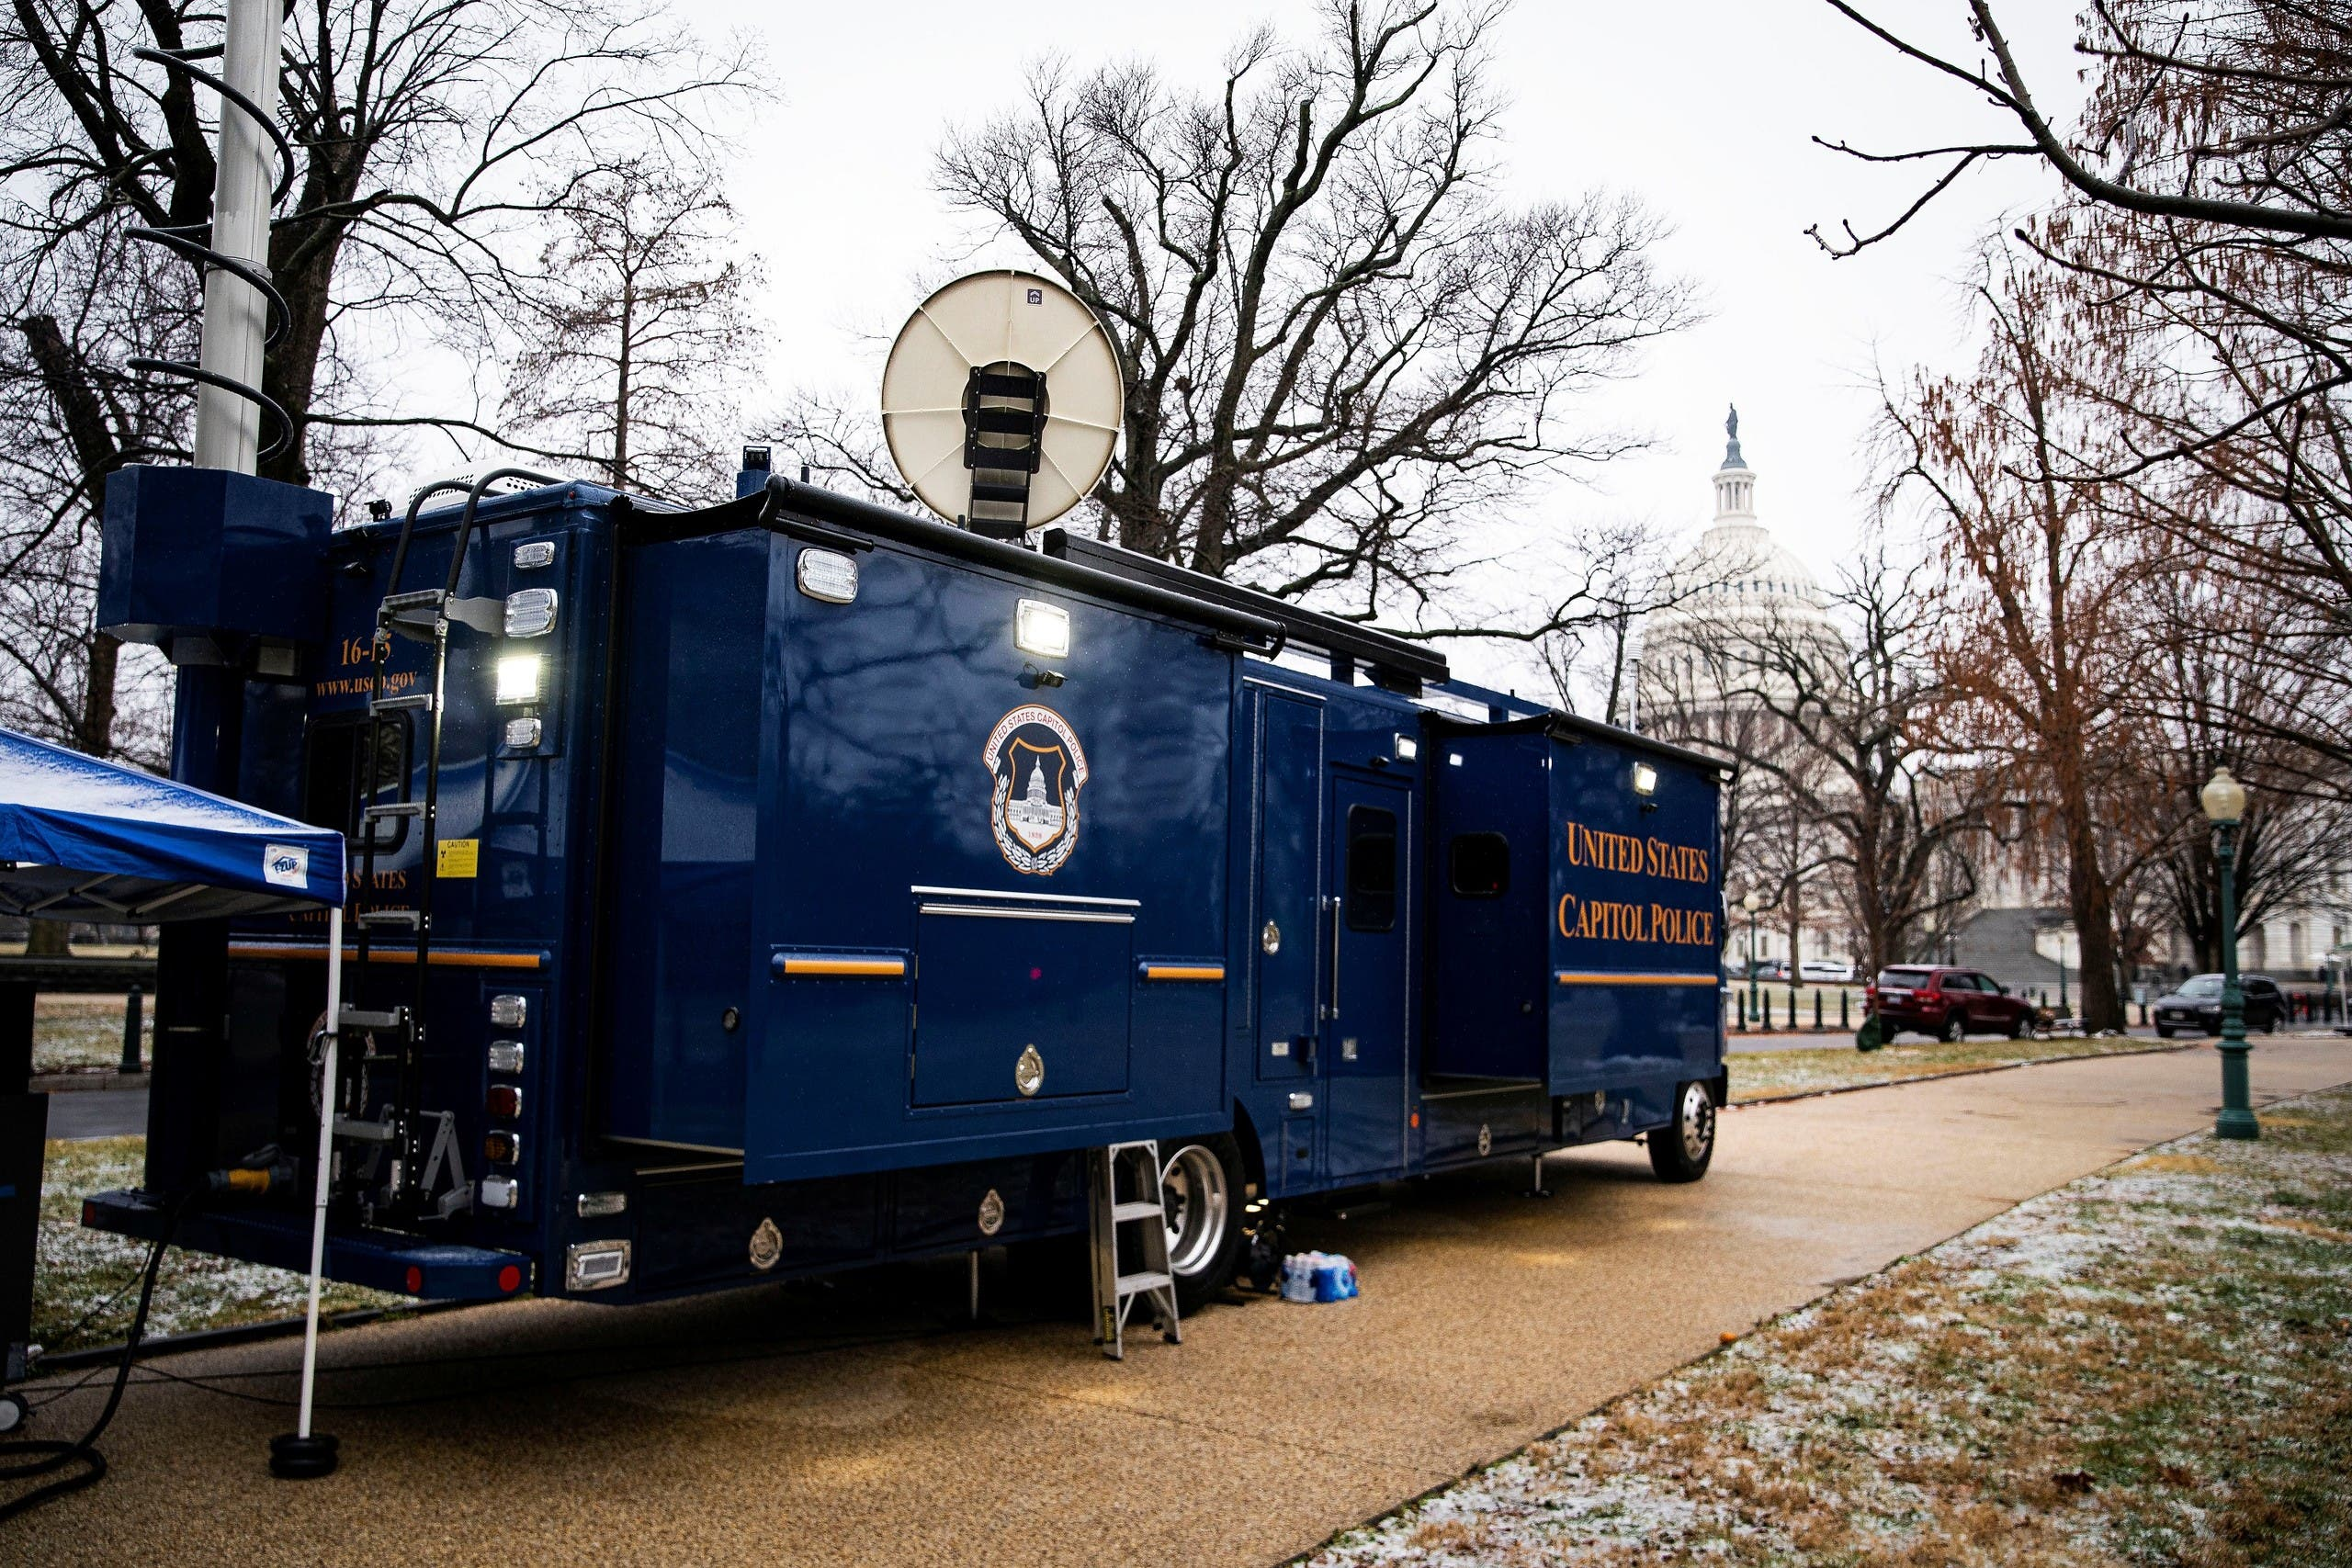 آلية لشرطة الكابيتول في محيط المبنى لتأمين حمايته (أرشيفية)